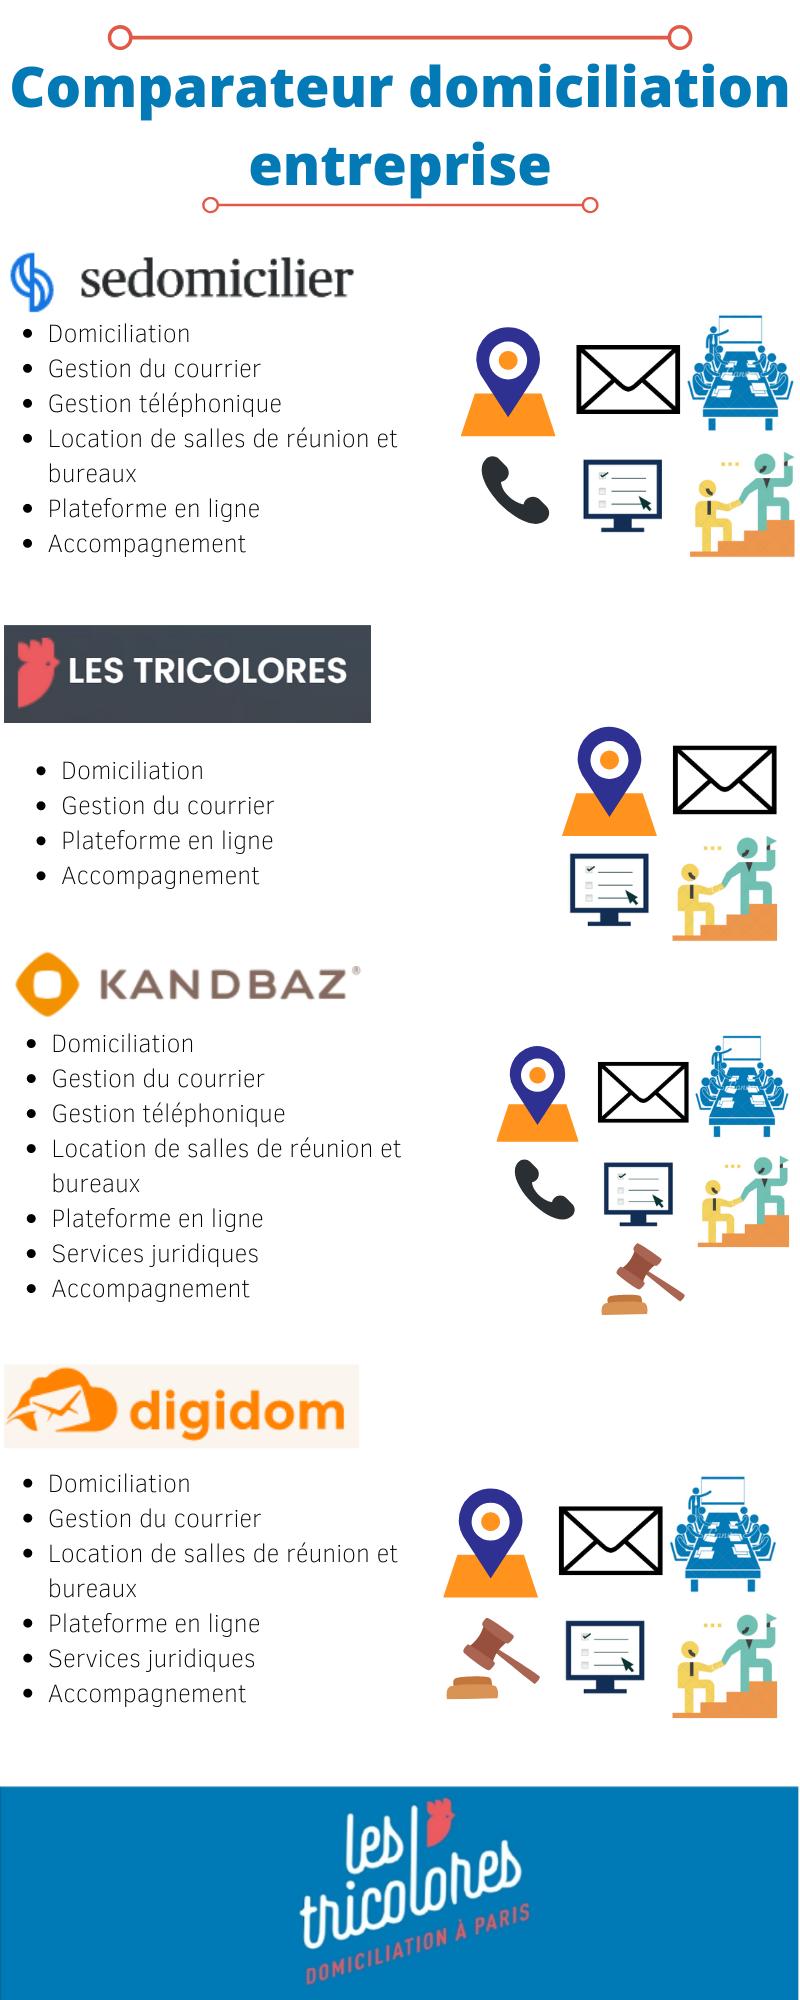 Comparateur domiciliation entreprise : Guide Pratique 2021